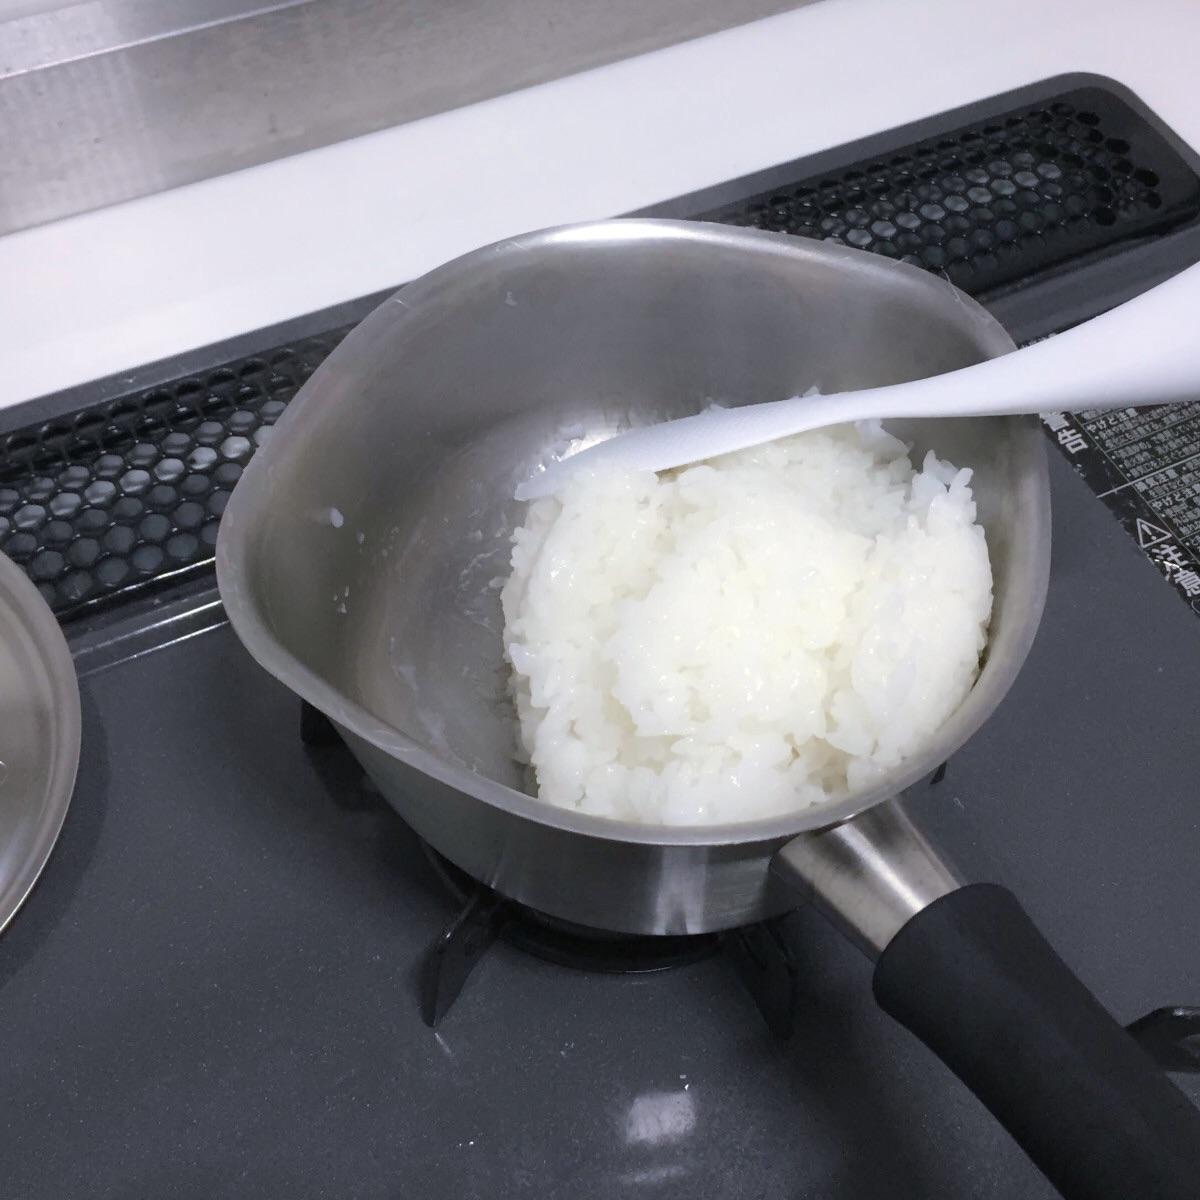 ステンレスの鍋でご飯を炊く